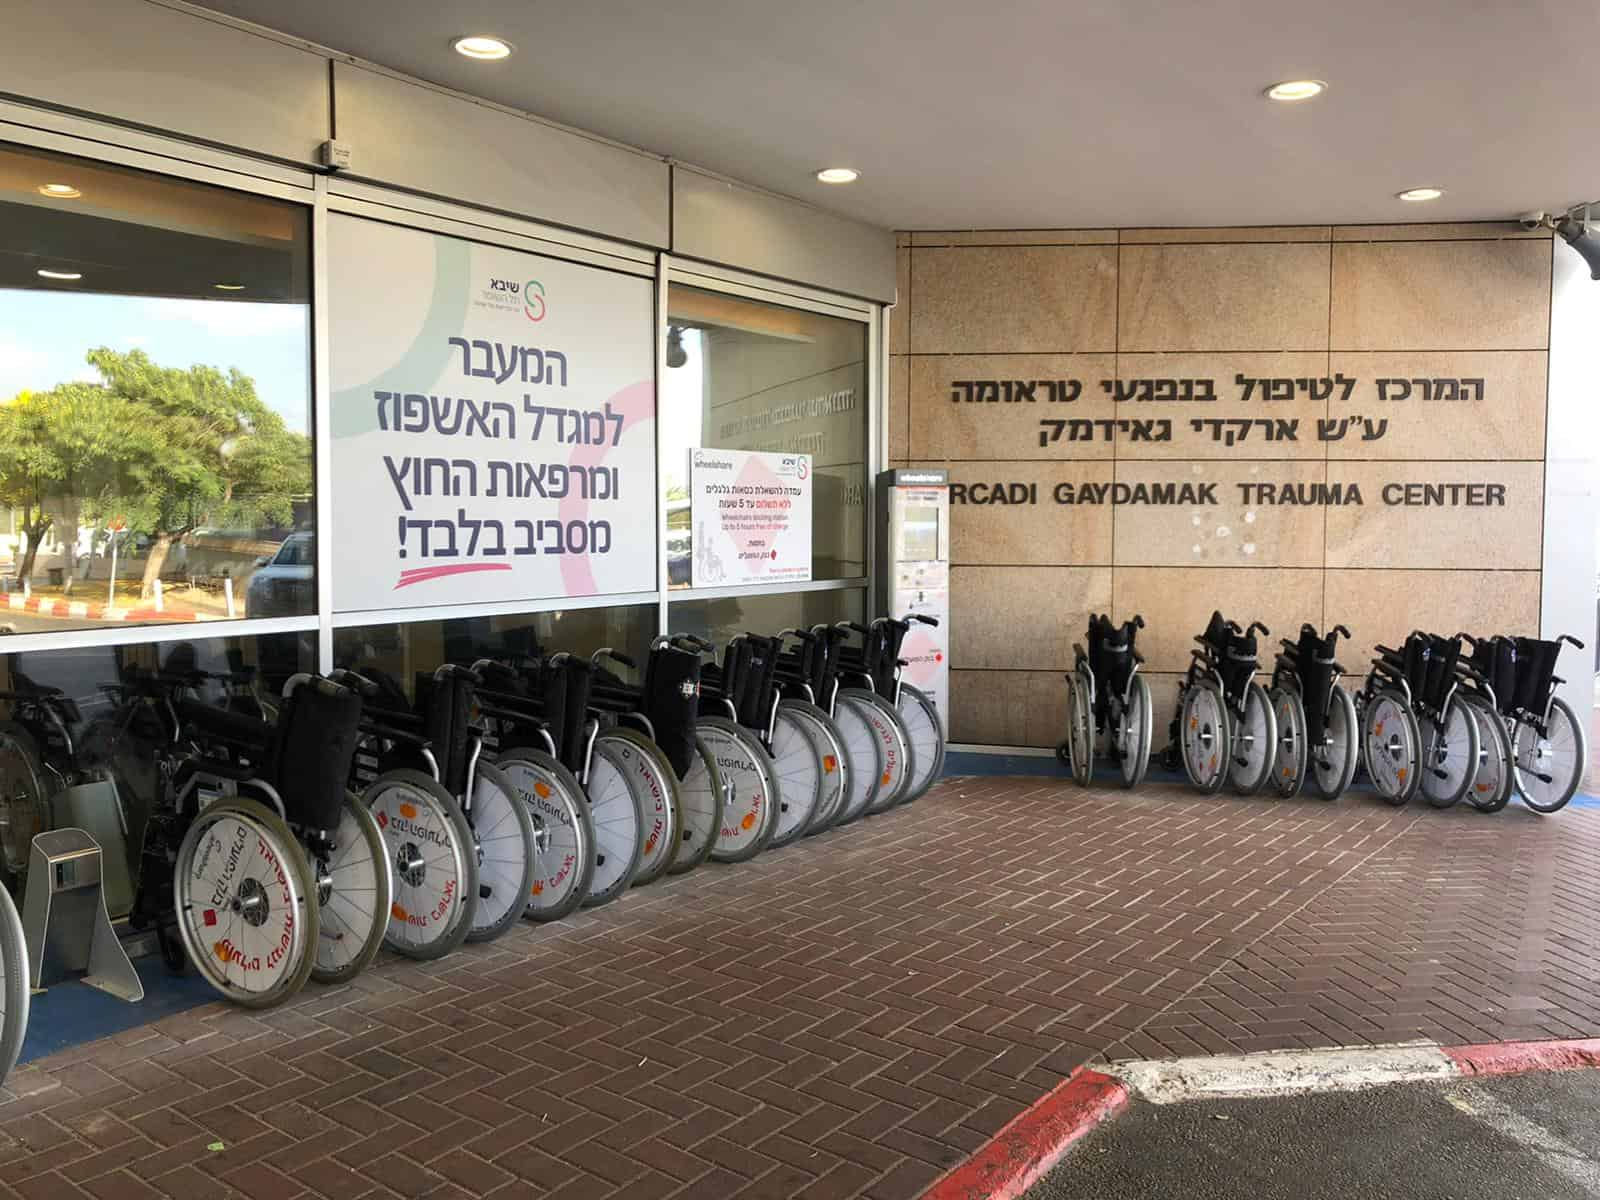 שירות כסאות גלגלים לשירות המטופלים בשיבא. הצילום באדיבות דוברות שיבא